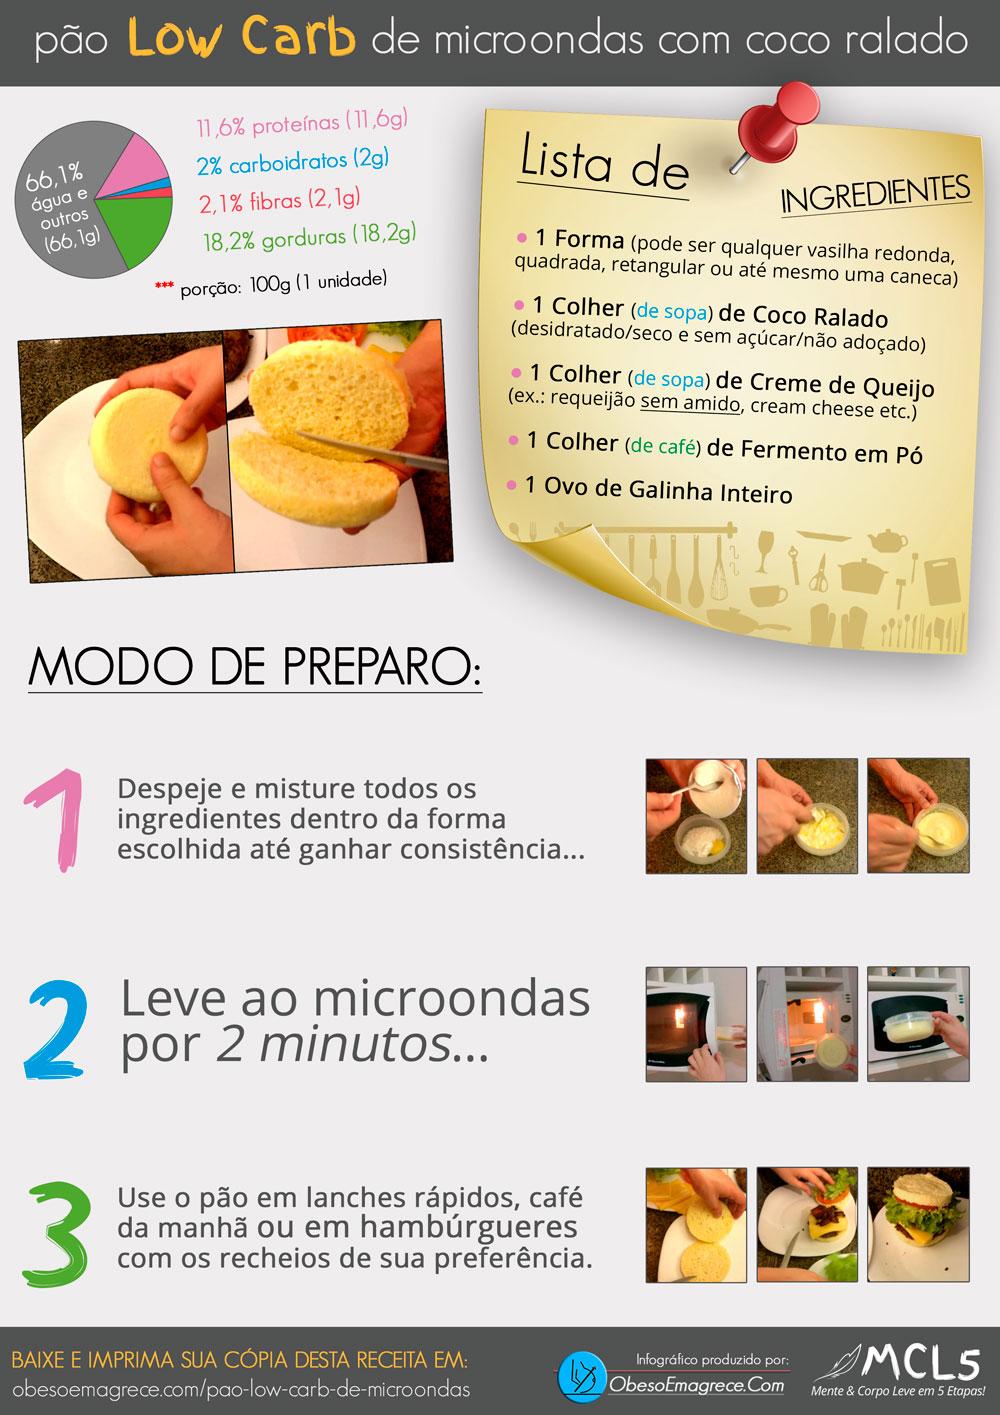 pão low carb de microondas com coco ralado - infográfico com a receita